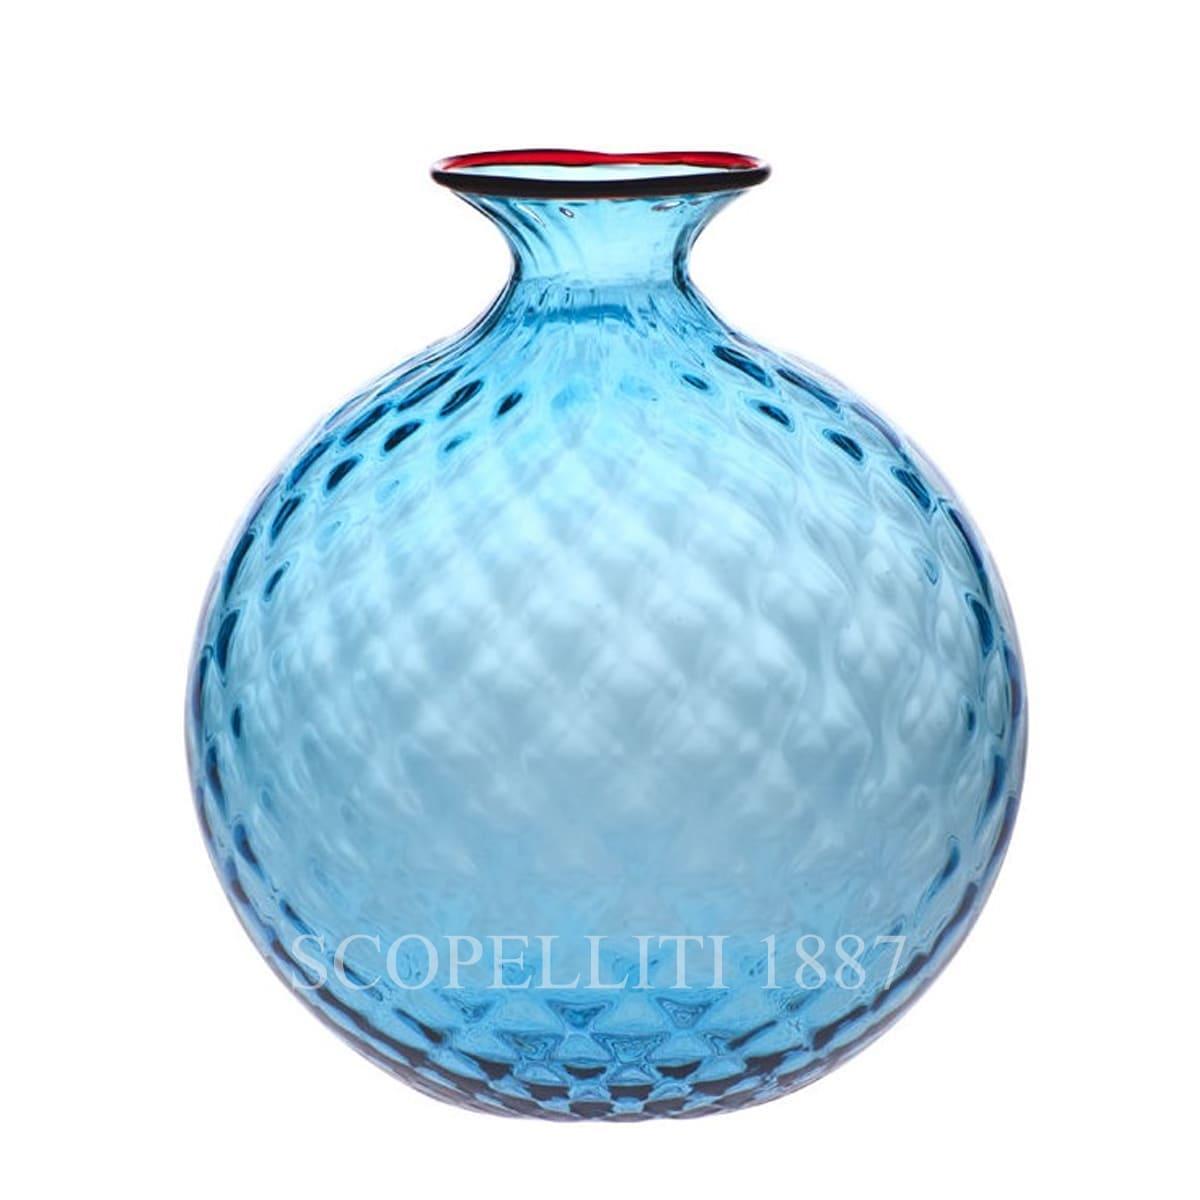 venini murano glass italian monofiore balloton vase limited edition aquamarine